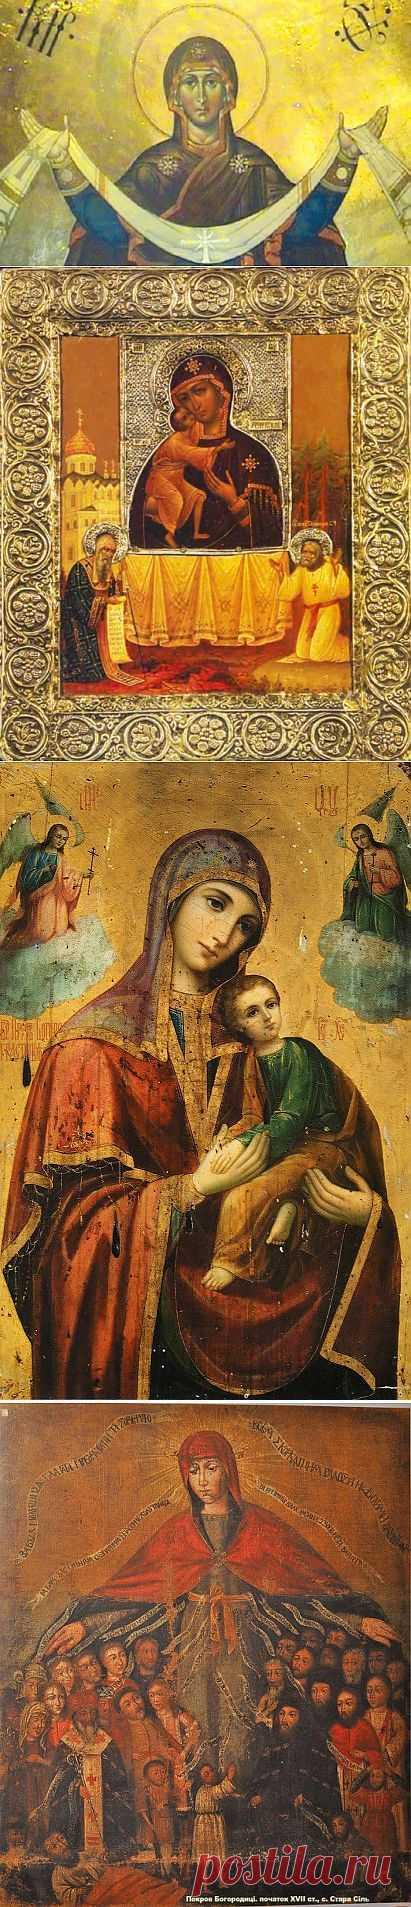 Пресвятая Богородица как образ человеческой свободы